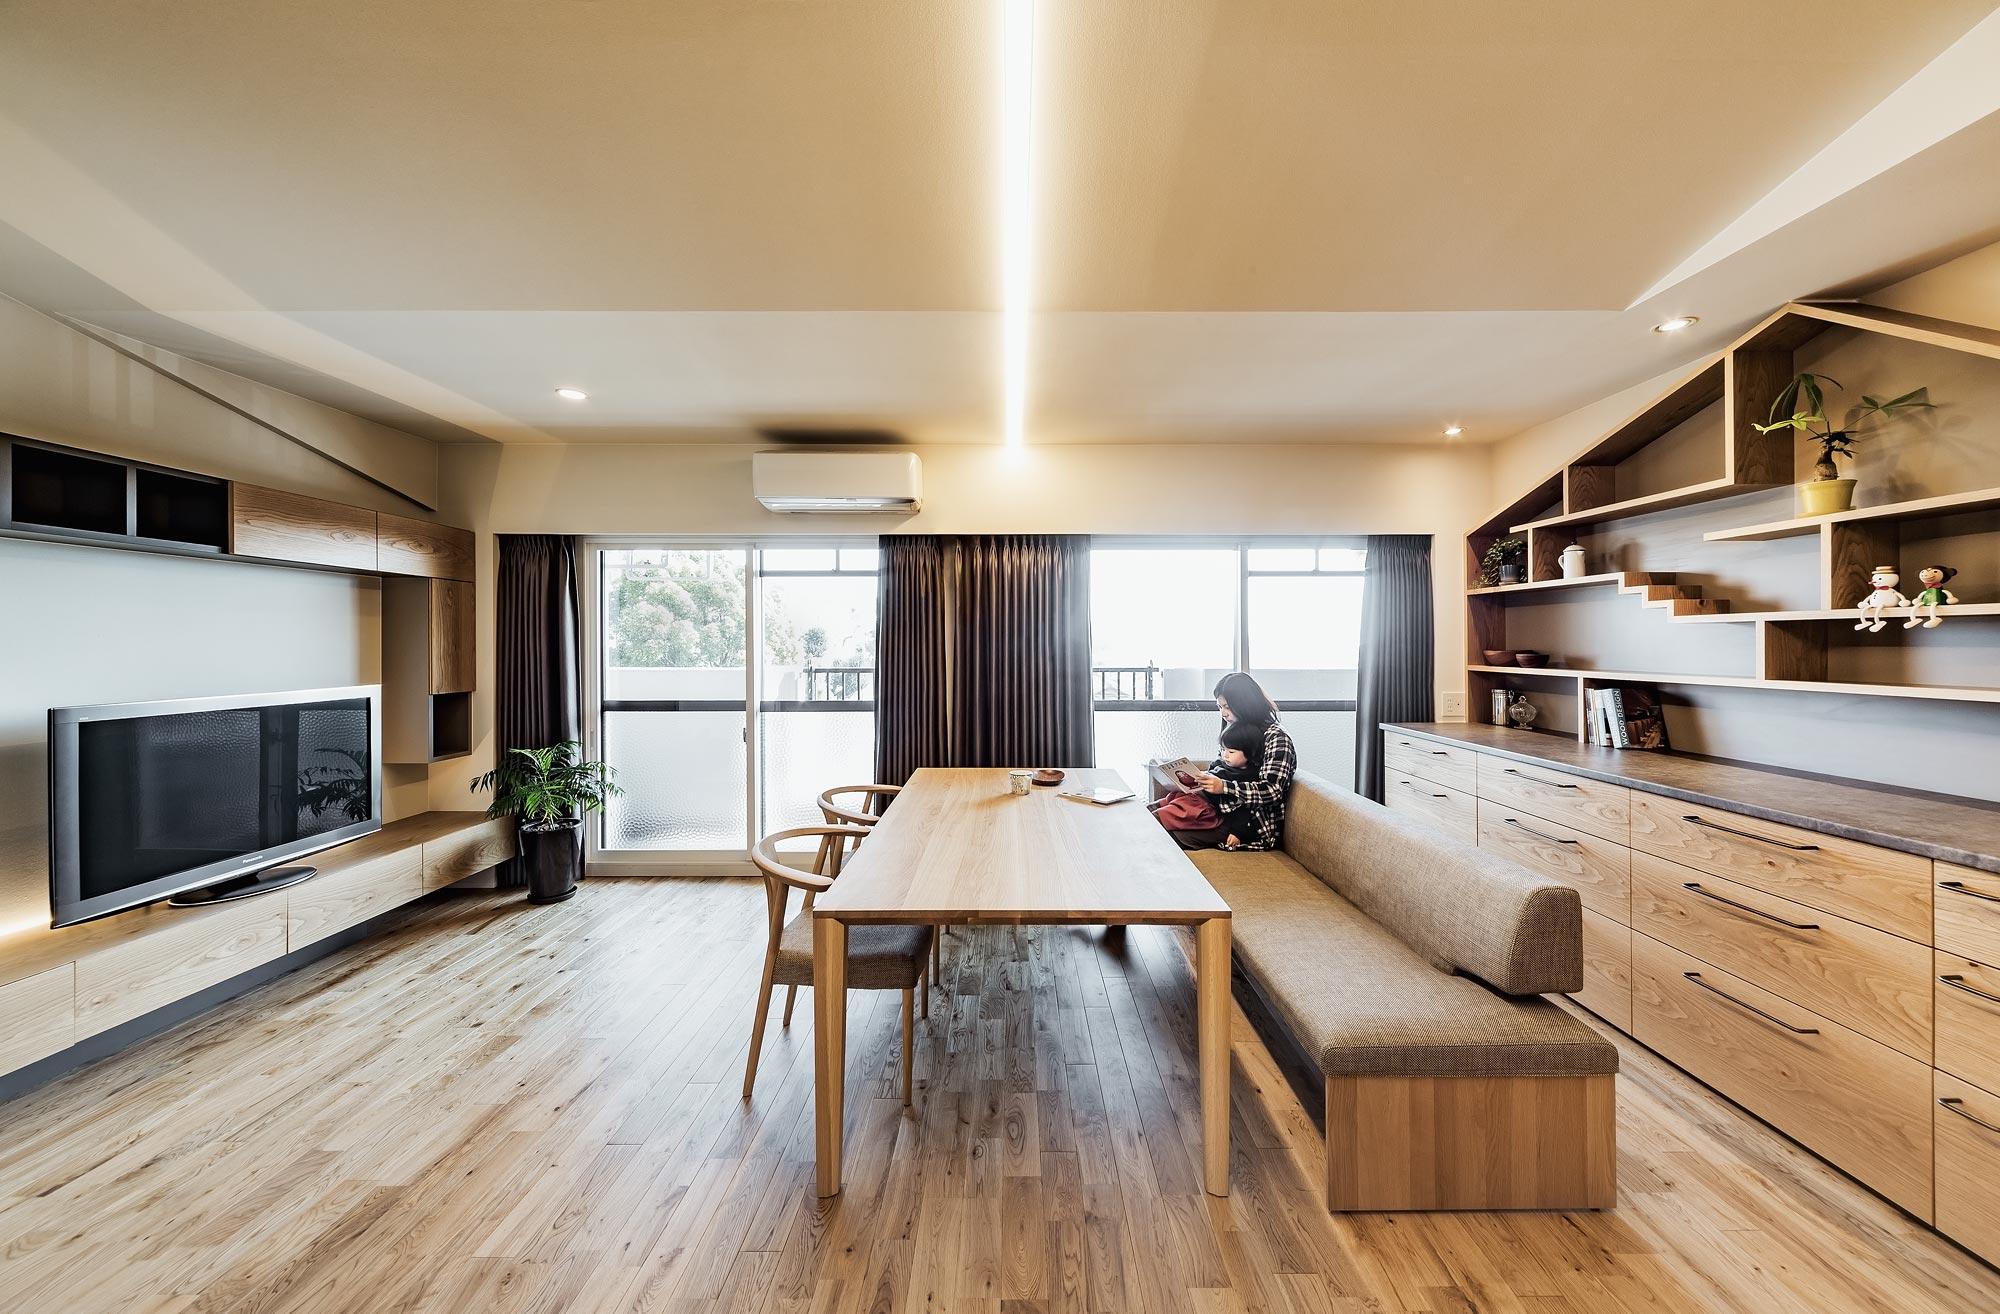 LDK:壁際にキッチンを配することにより、広い空間に